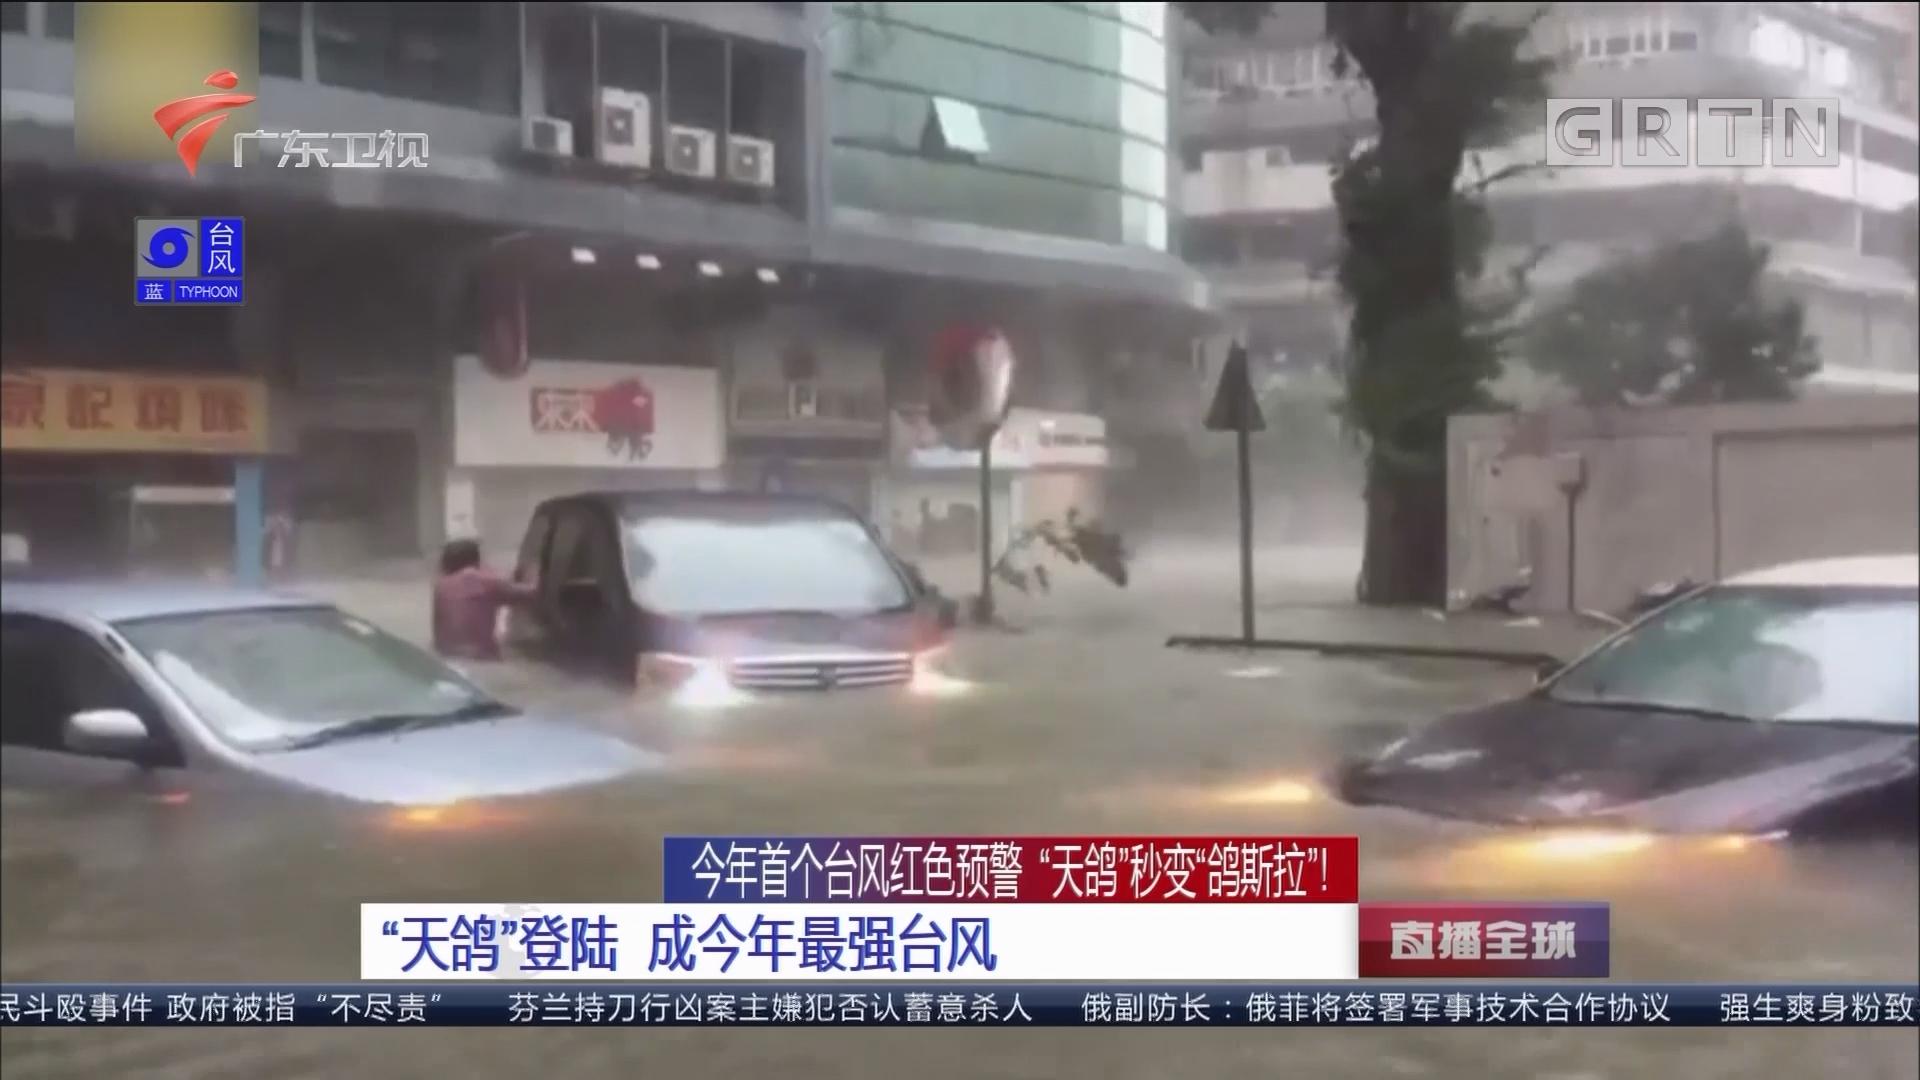 """今年首个台风红色预警 """"天鸽""""秒变""""鸽斯拉""""! """"天鸽""""登陆 成今年最强台风"""